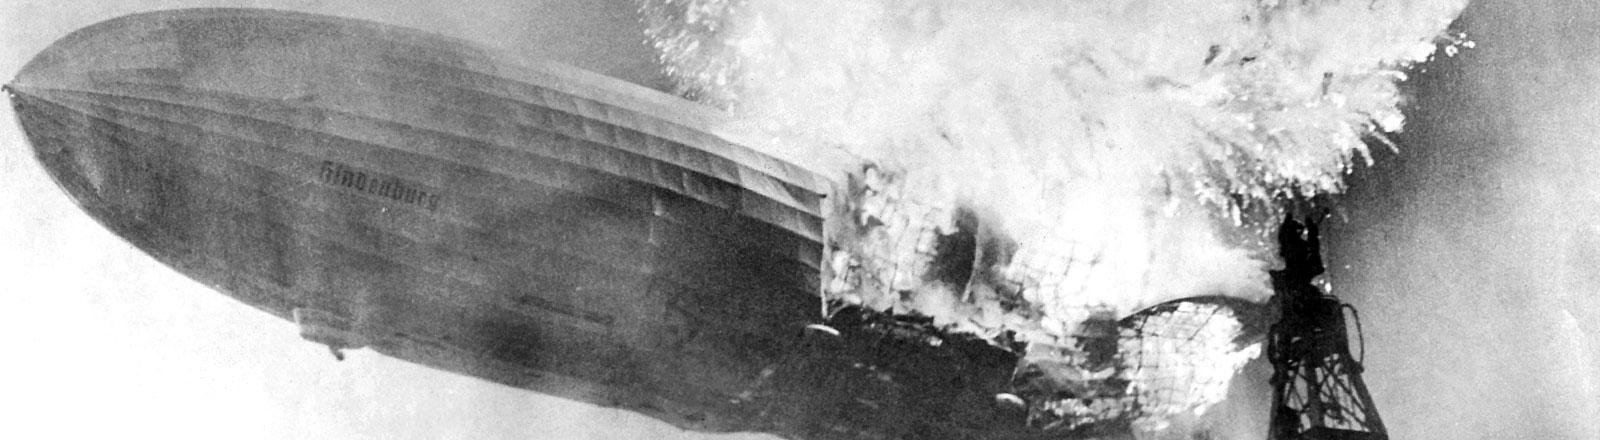 """Der Absturz der """"Hindenburg"""" am 6. Mai 1937 bei der Landung auf dem Luftschiffhafen von Lakehurst in New Jersey bei New York"""